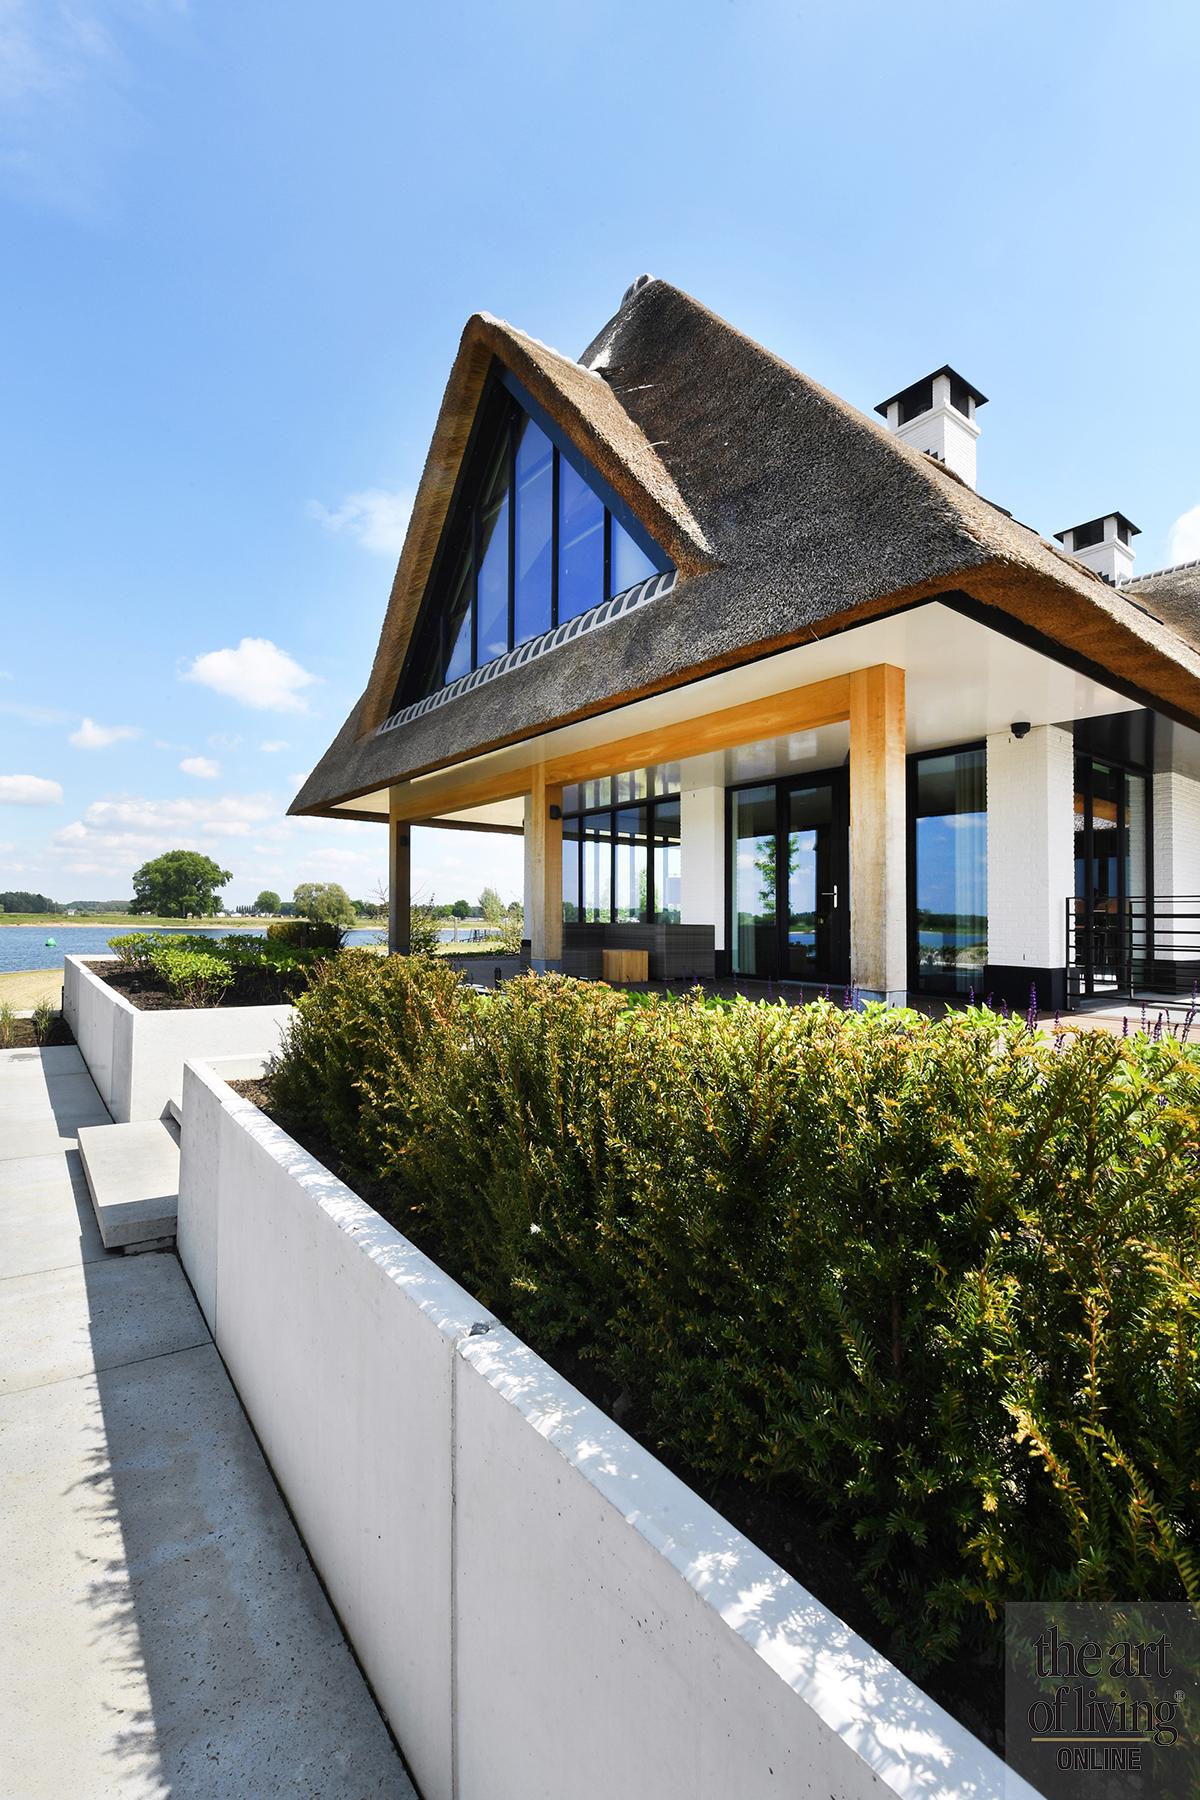 Frank Ruiter, Villa aan het water, the art of living